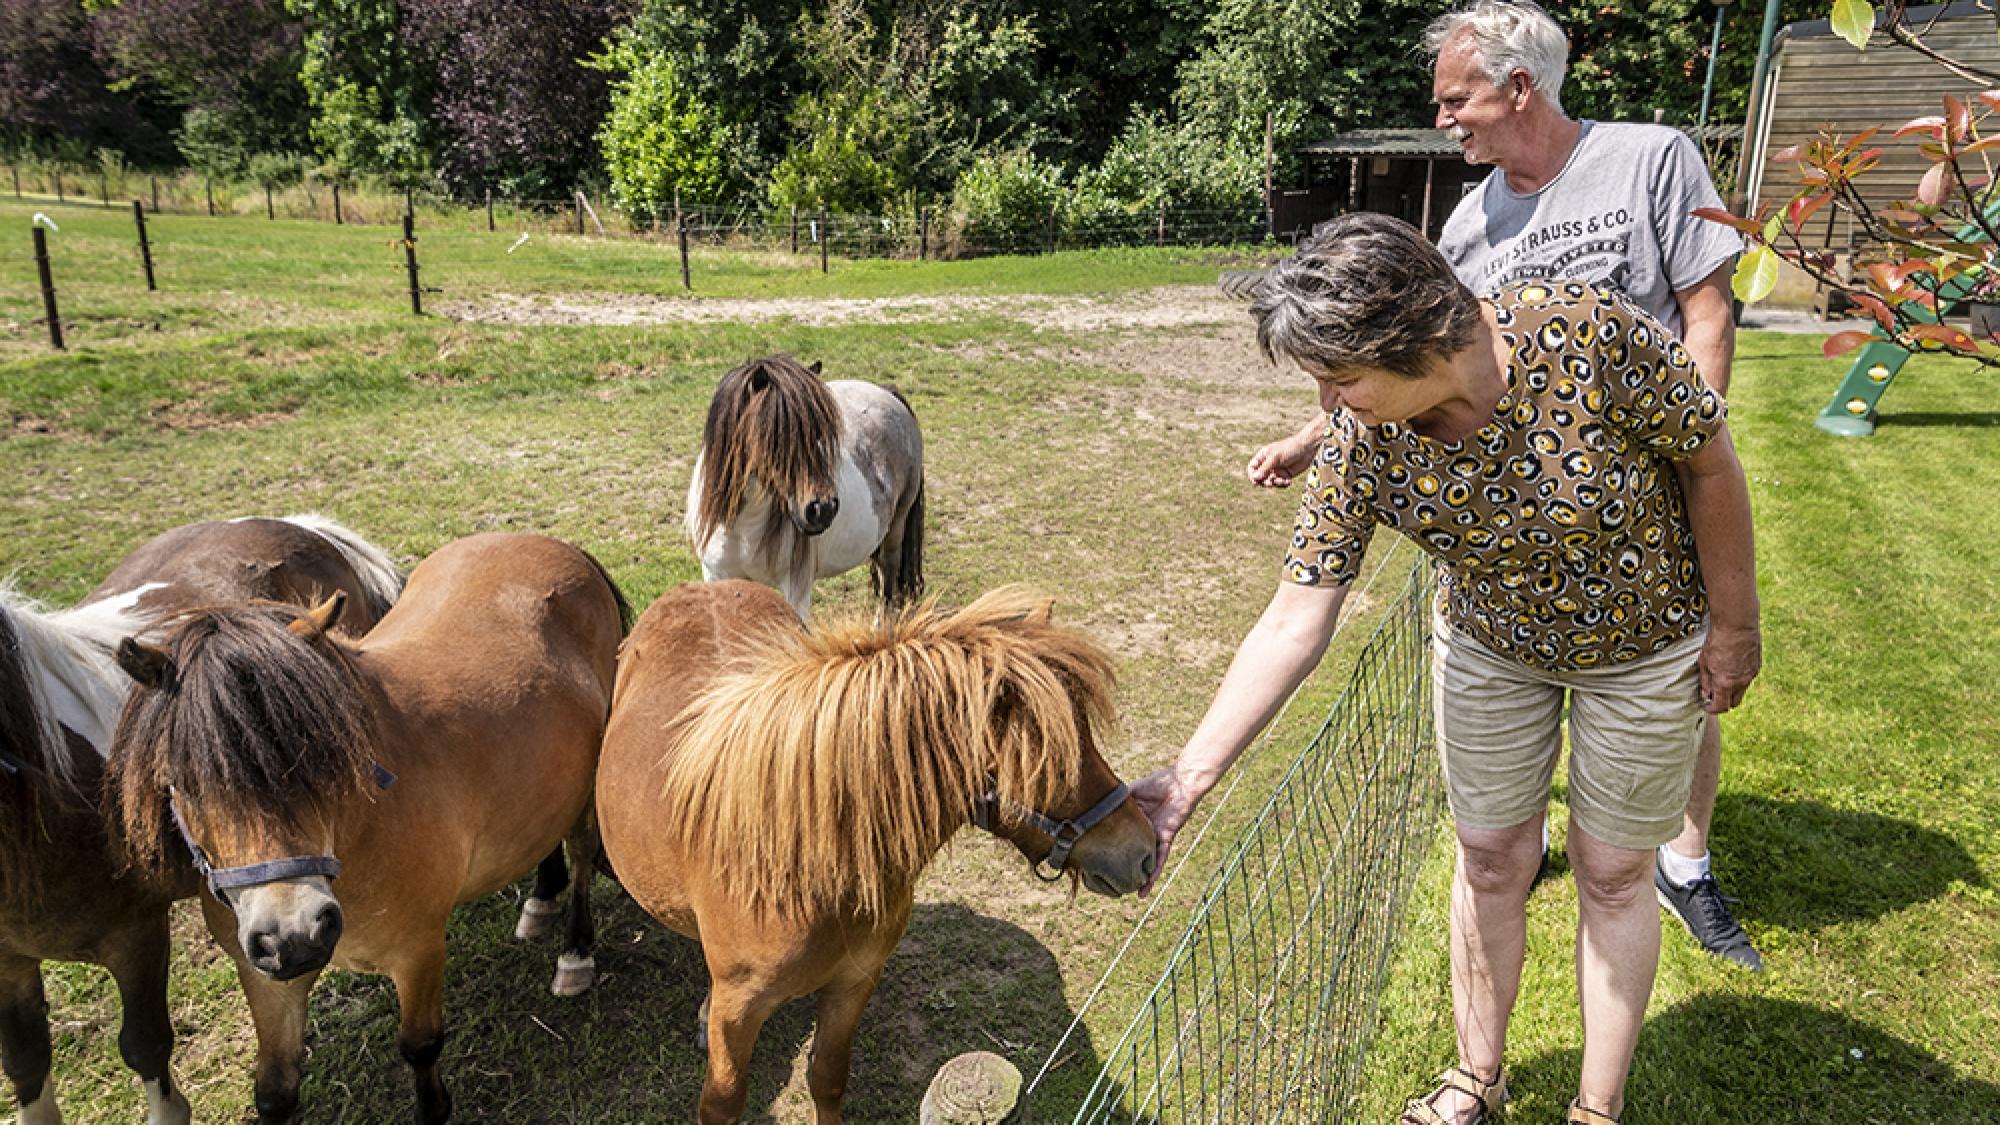 Hans en Annemarie van Nuland, de eerste eigenaren van een appartement in de woontoren bij hun paarden